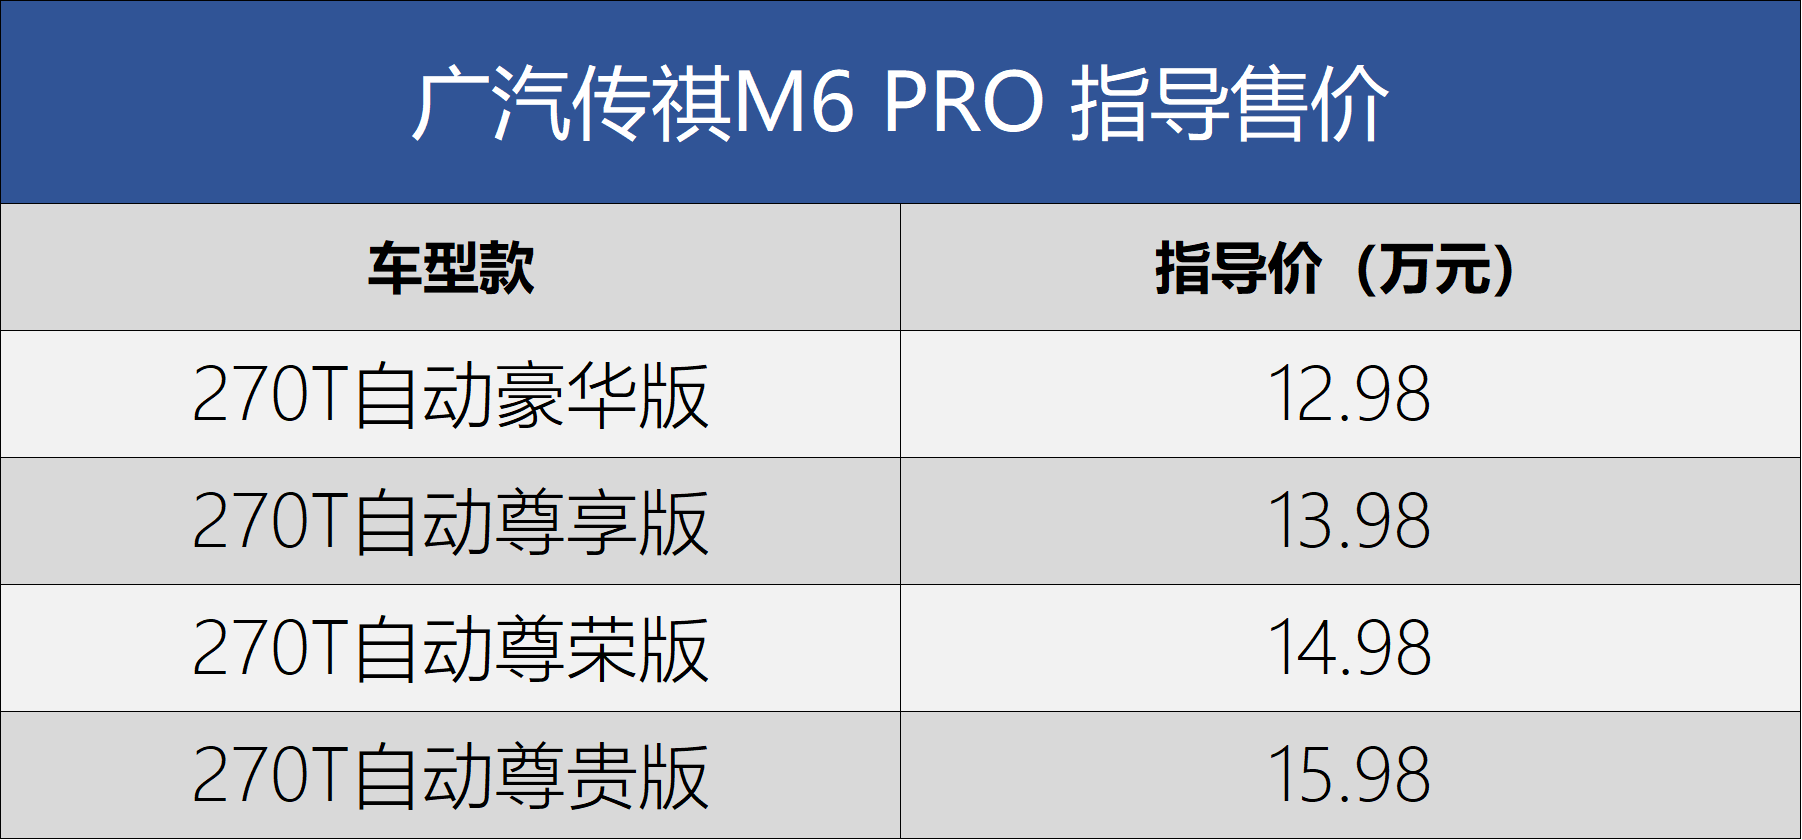 广汽传祺M6 PRO正式上市 售价12.98